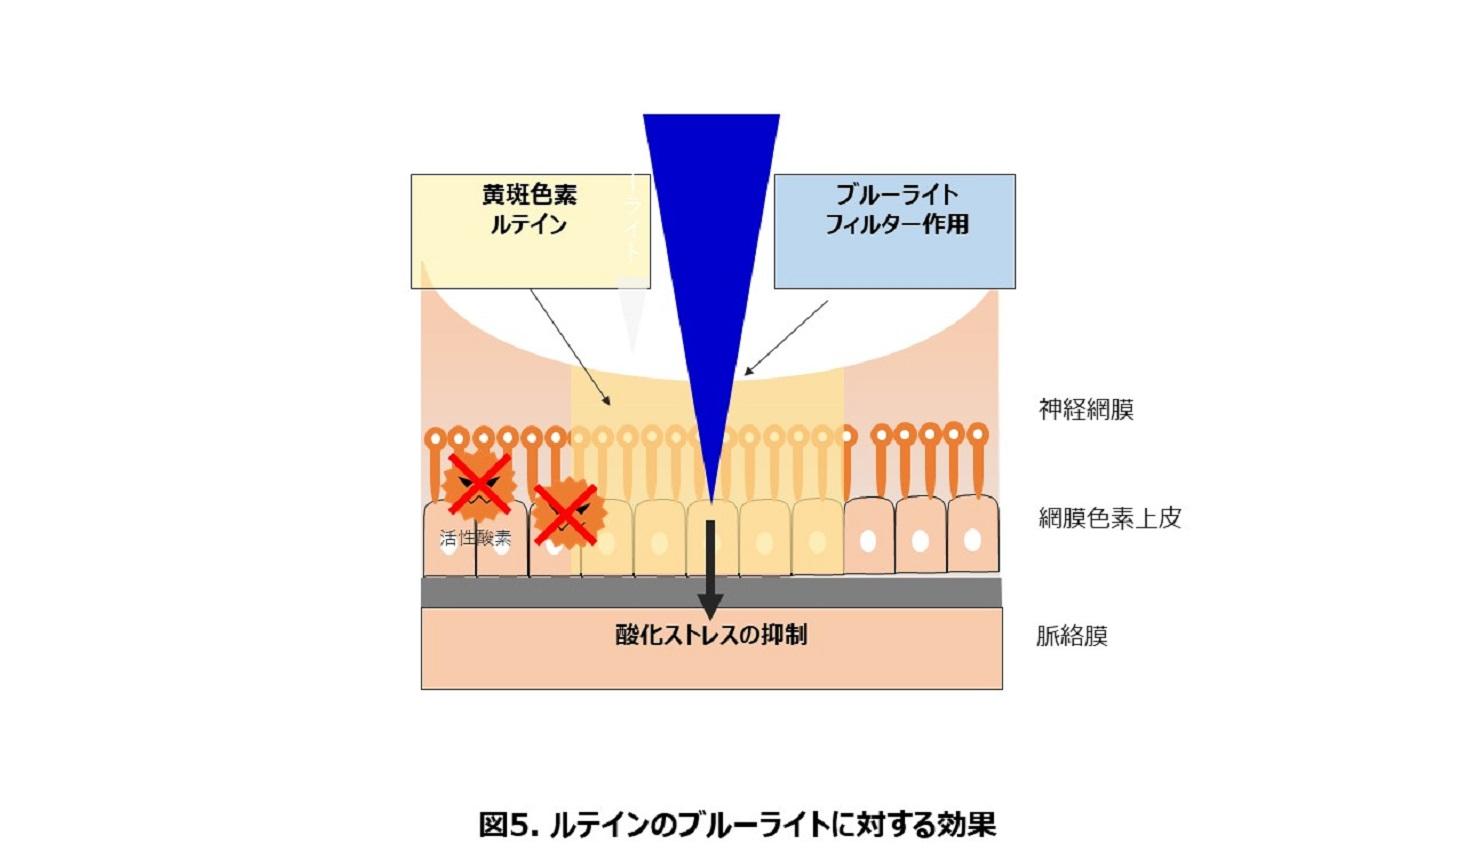 黄斑色素であるルテインは、青色光(ブルーライト)によって発生する酸化ストレスを抑制する働きをもつことを示した図